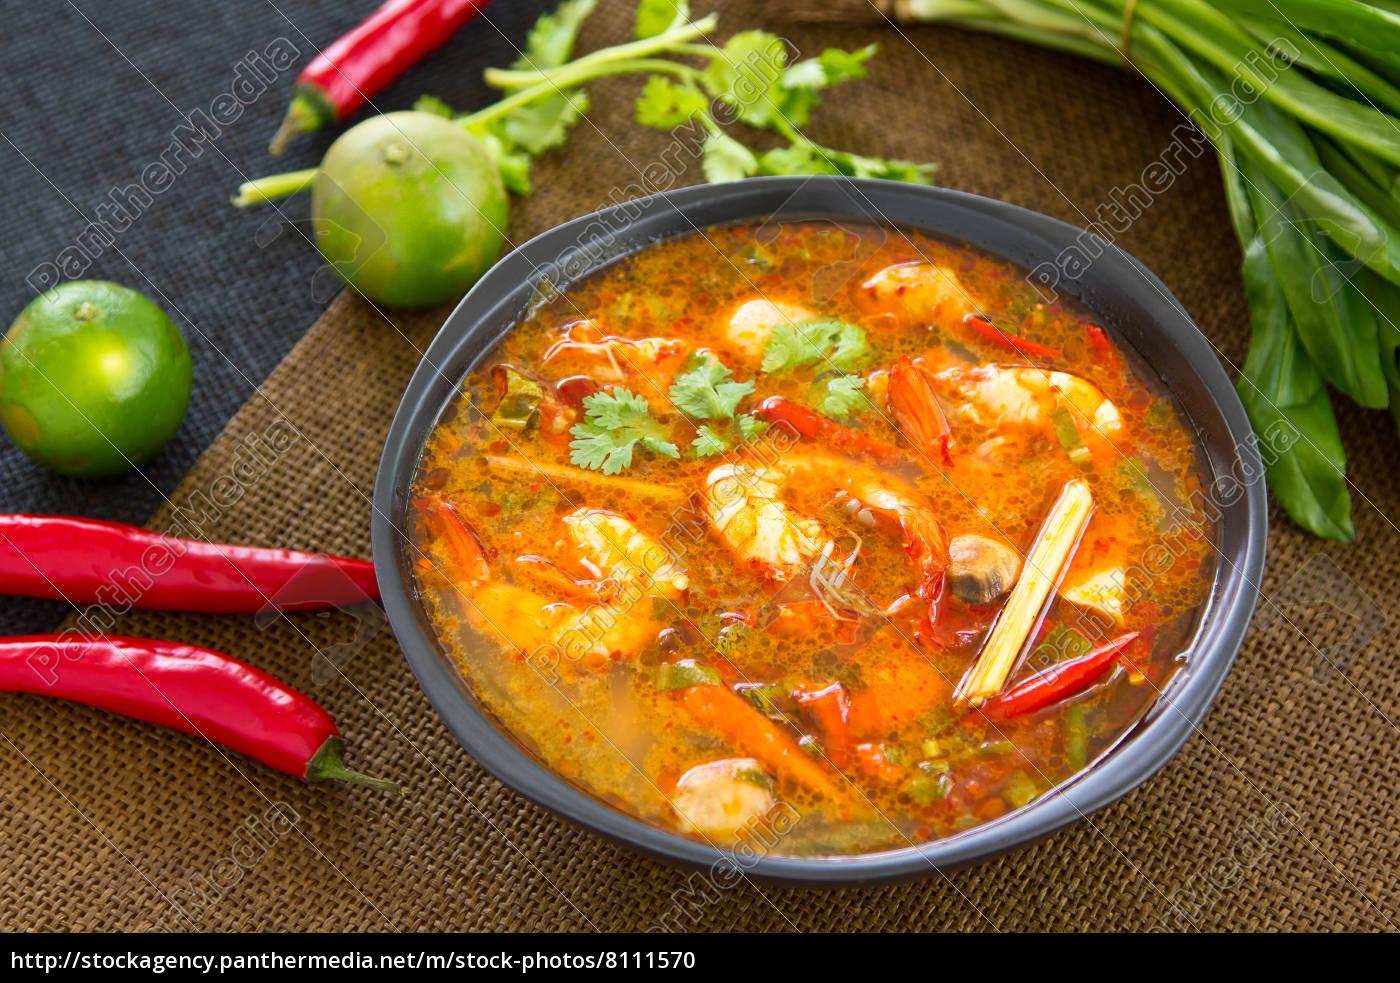 tajski, kwaśny, i, pikantny, zupa, krezowa - 8111570